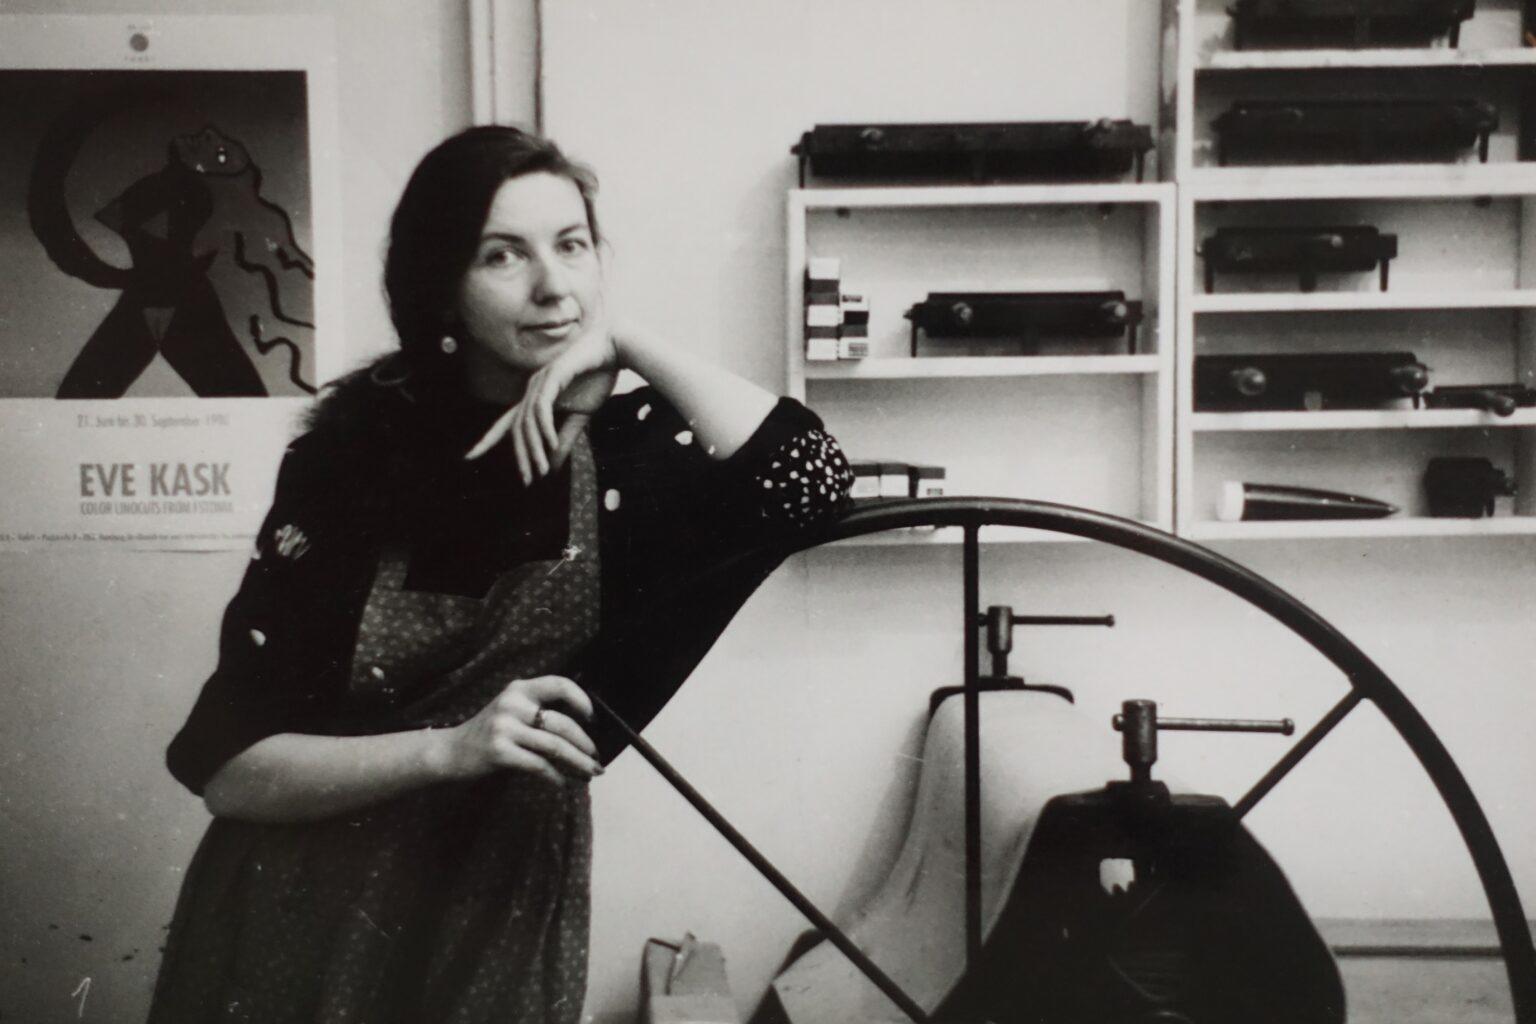 Eve Kask aastal 1991 Lasnamäe ateljees. Foto: Jüri Kaarma